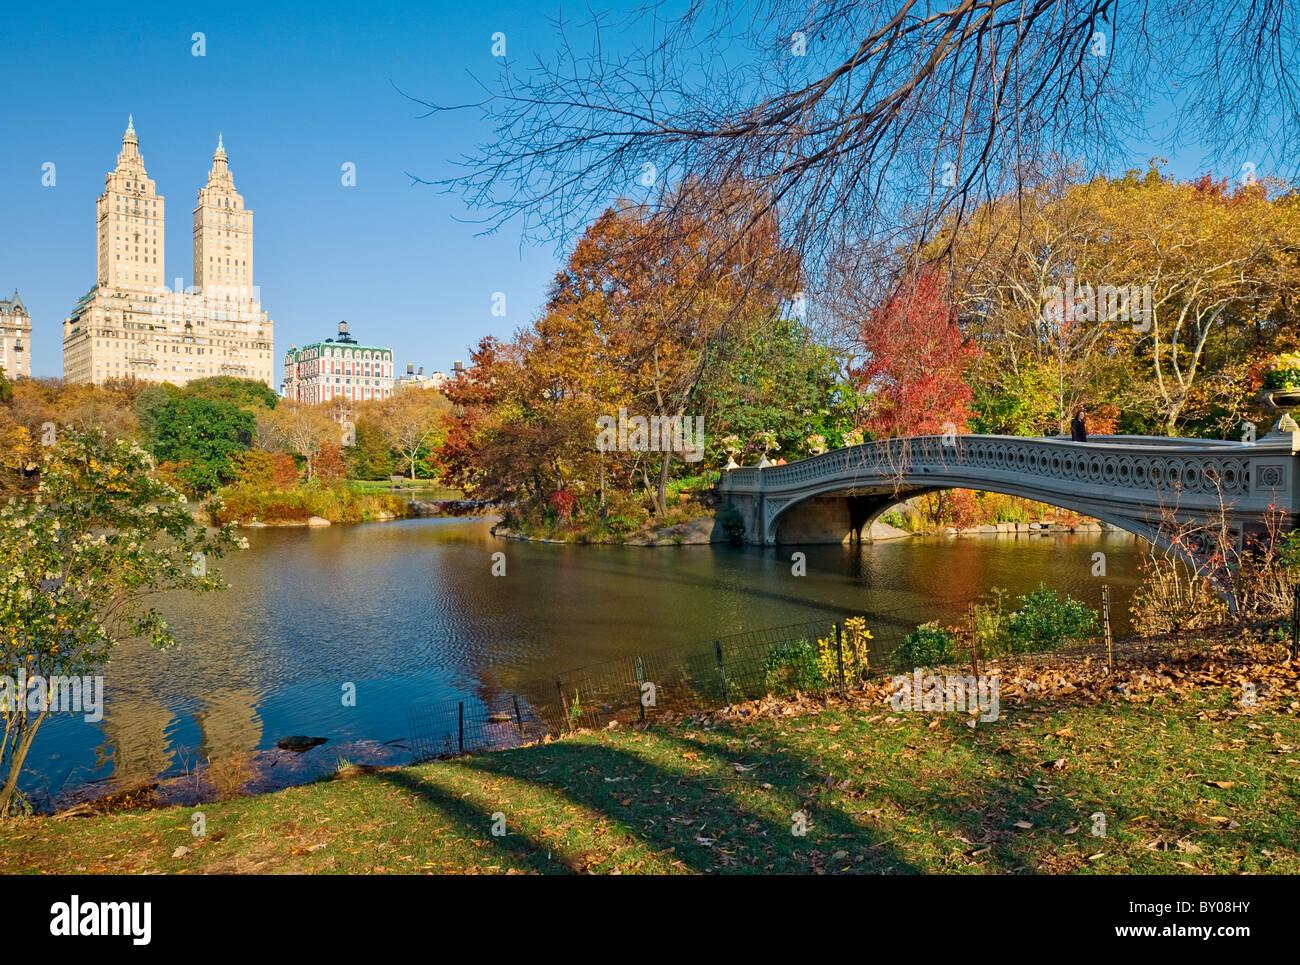 Bogen Sie-Brücke und die Skyline von Central Park West im Central Park, New York City. Stockbild